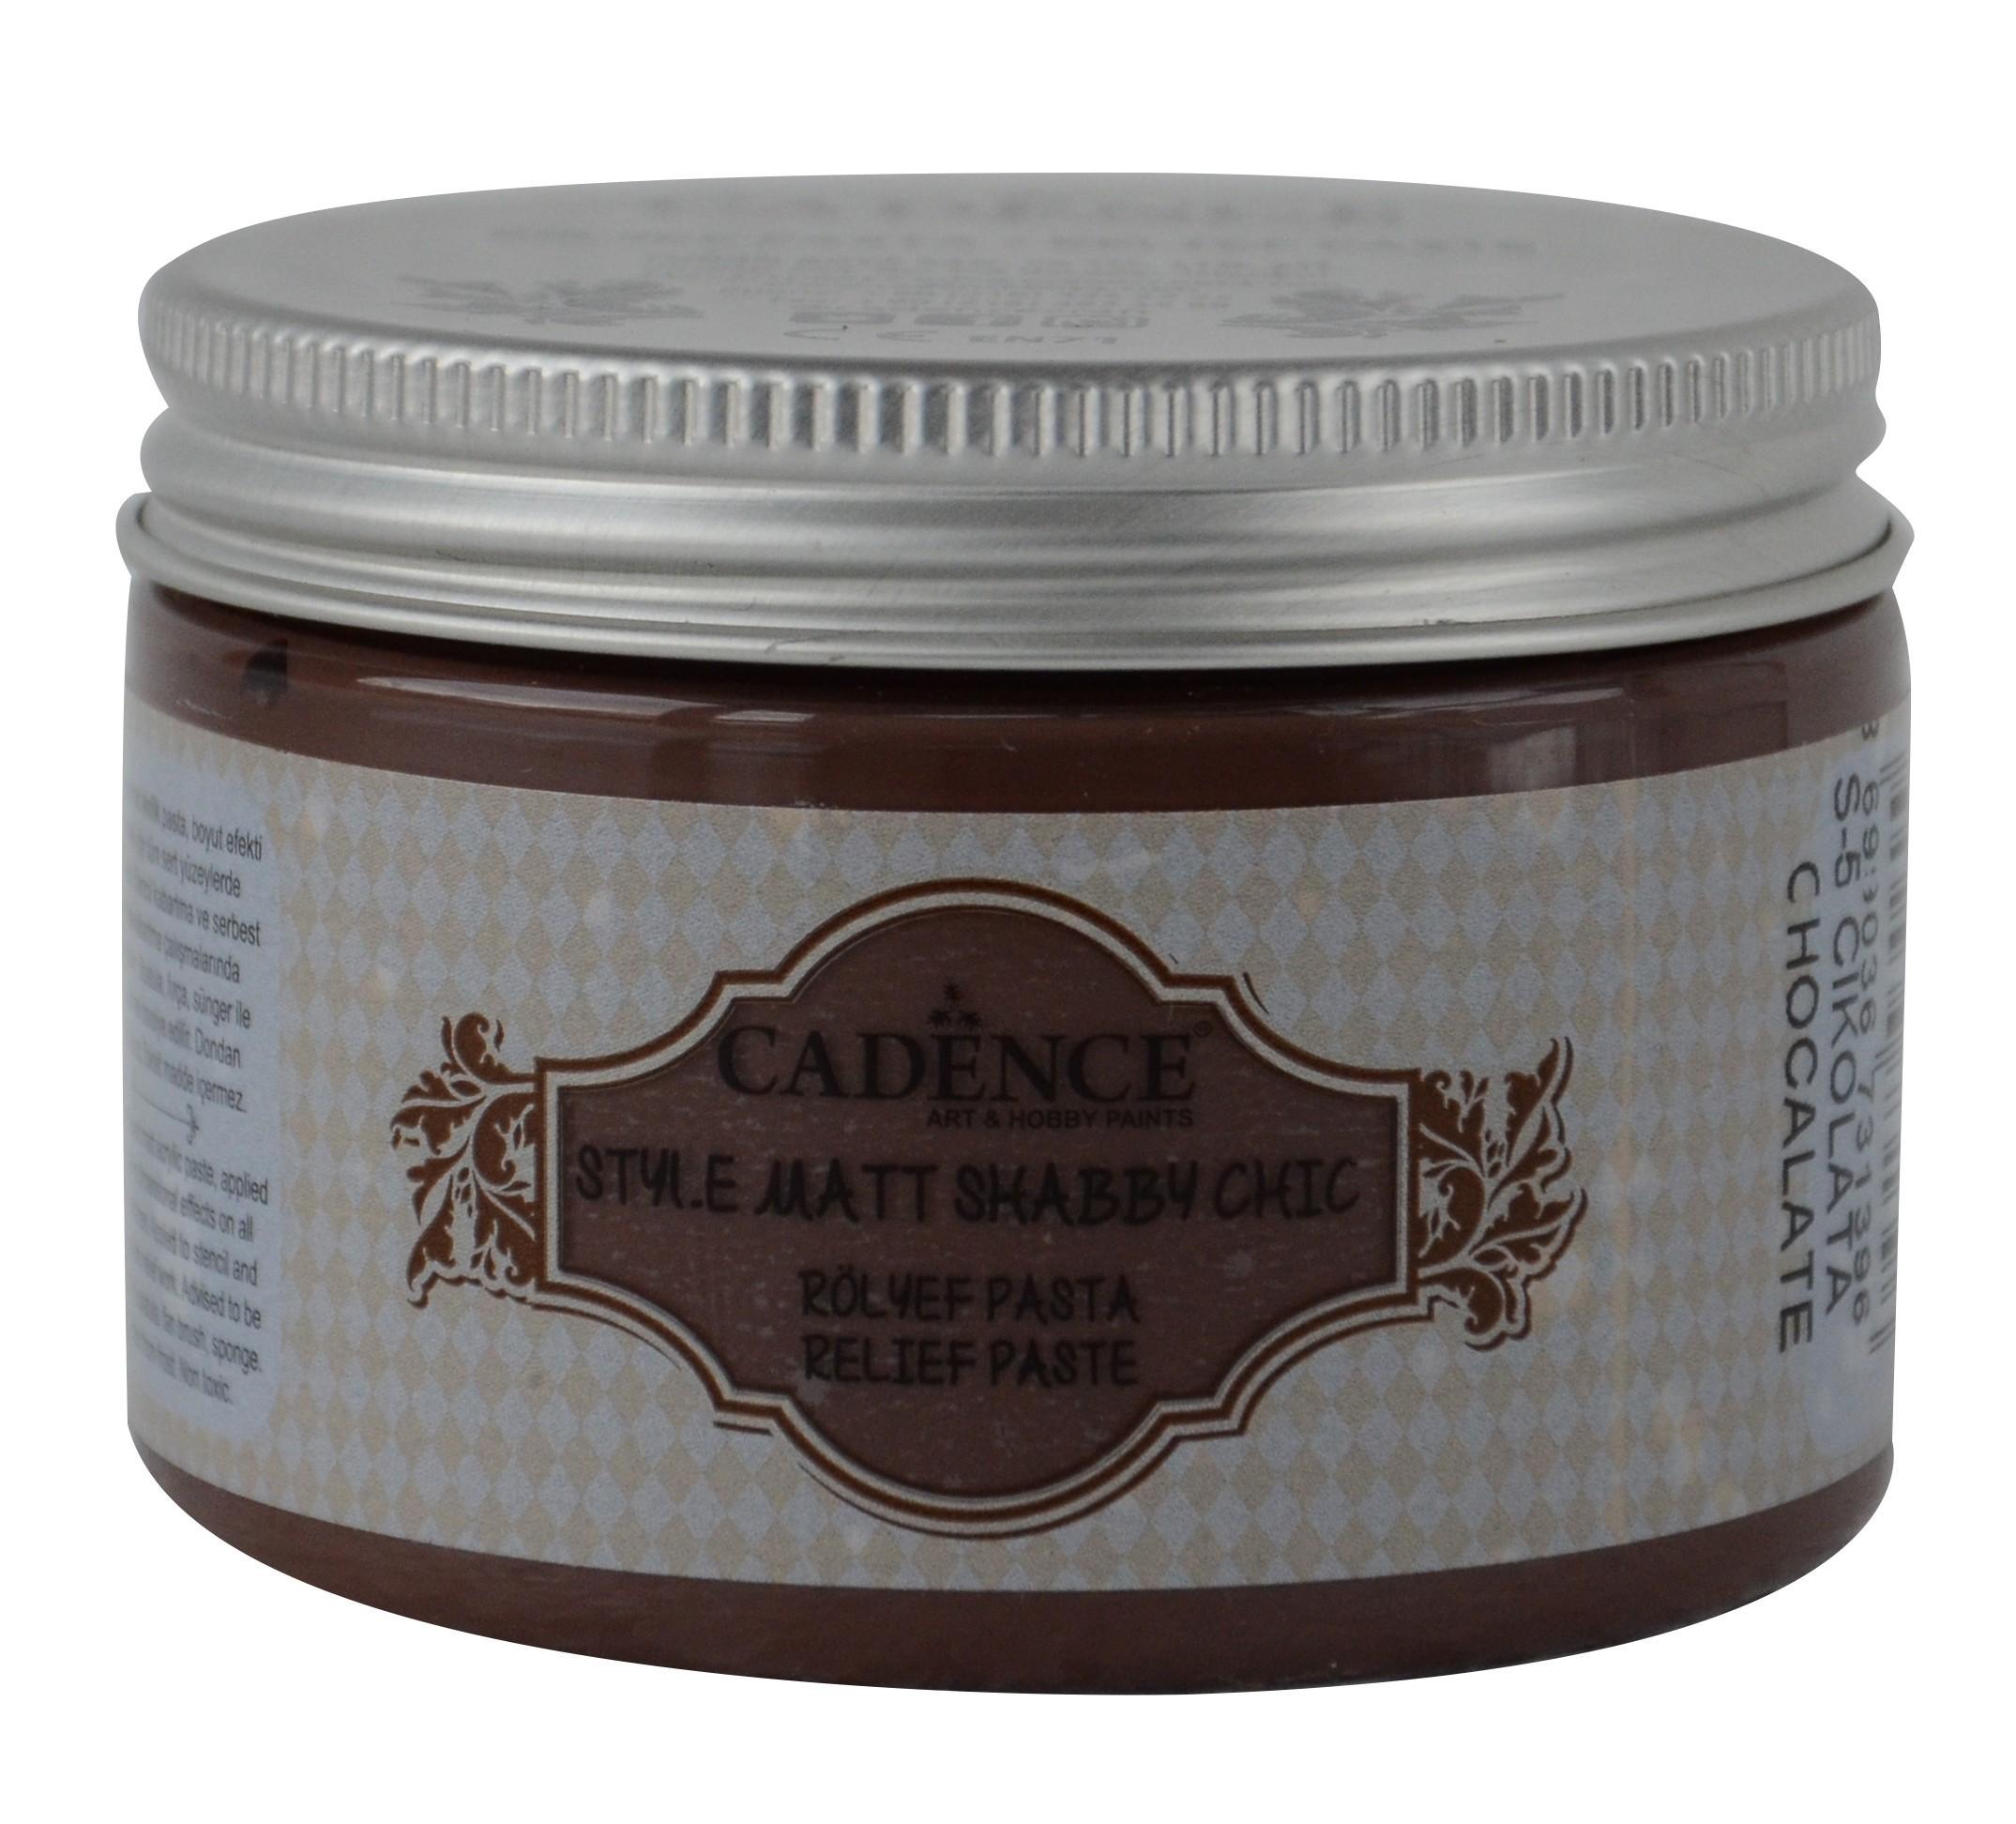 SR05 Çikolata Shabby Chic Rölyef Pasta(Mat) fiyatları